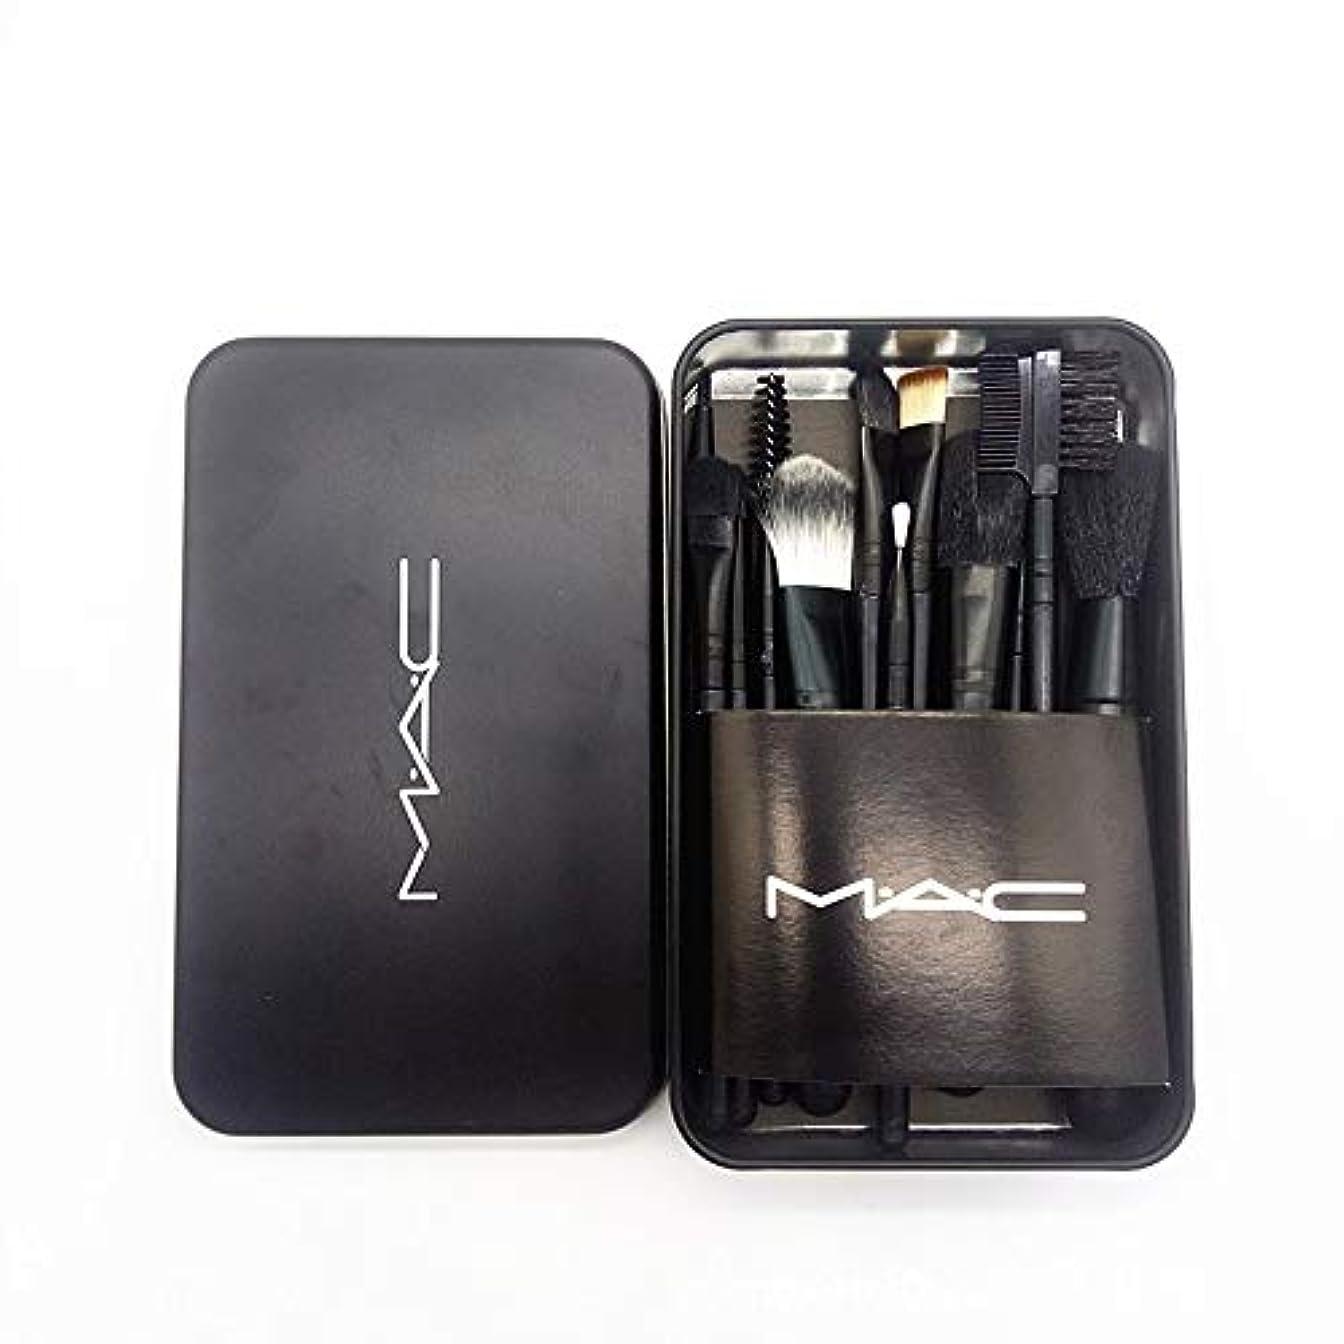 メナジェリーストリップ貨物MAC化粧ブラシセット12アイアンボックスセットブラッシュアイシャドウファンデーションブラシプラスチックハンドル化粧ブラシ